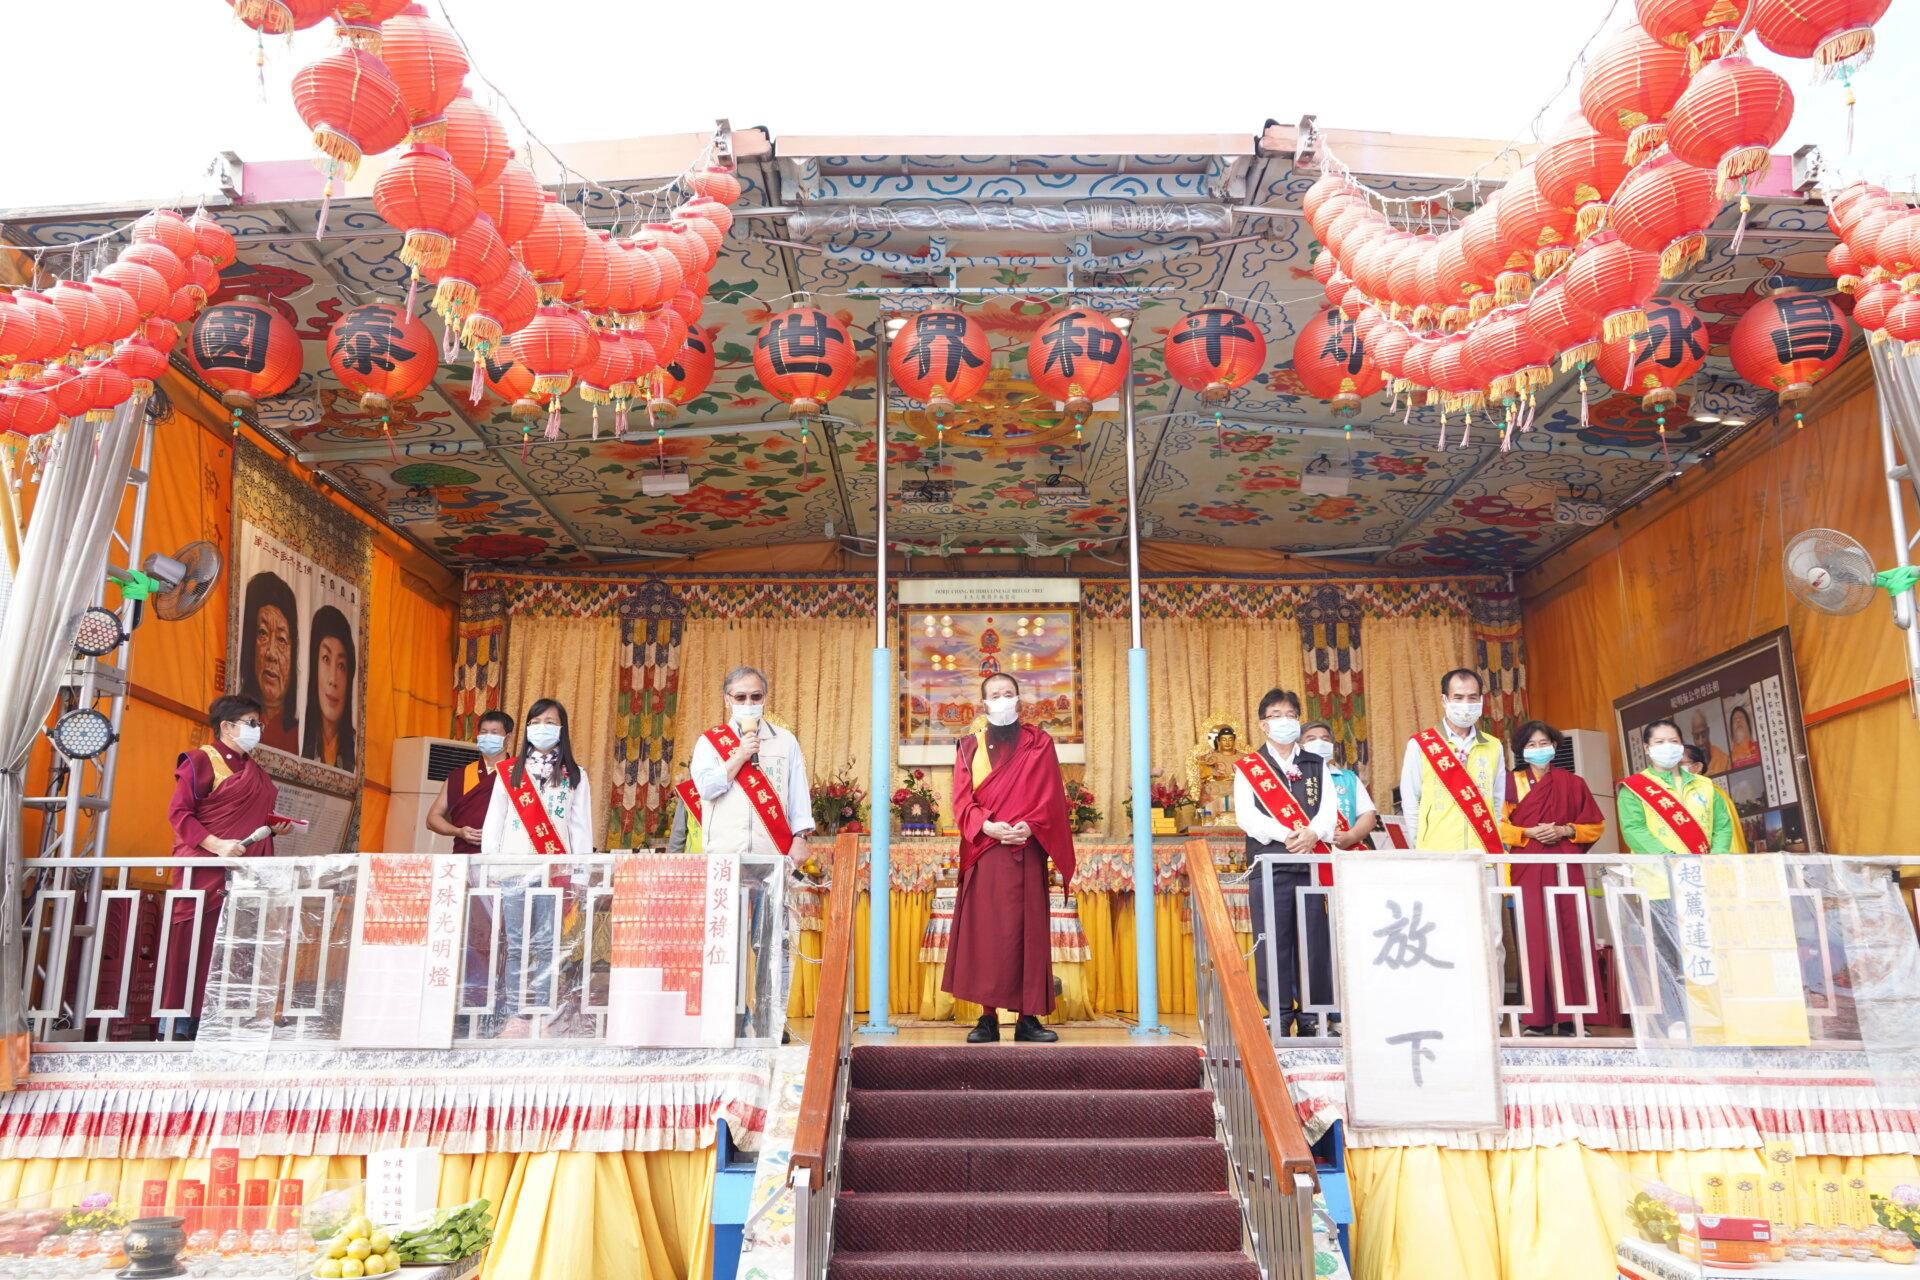 世界佛教正心會行動佛殿113站台南鹽水,本會指導上師恆性嘉措仁波且(中)感謝貴賓蒞臨